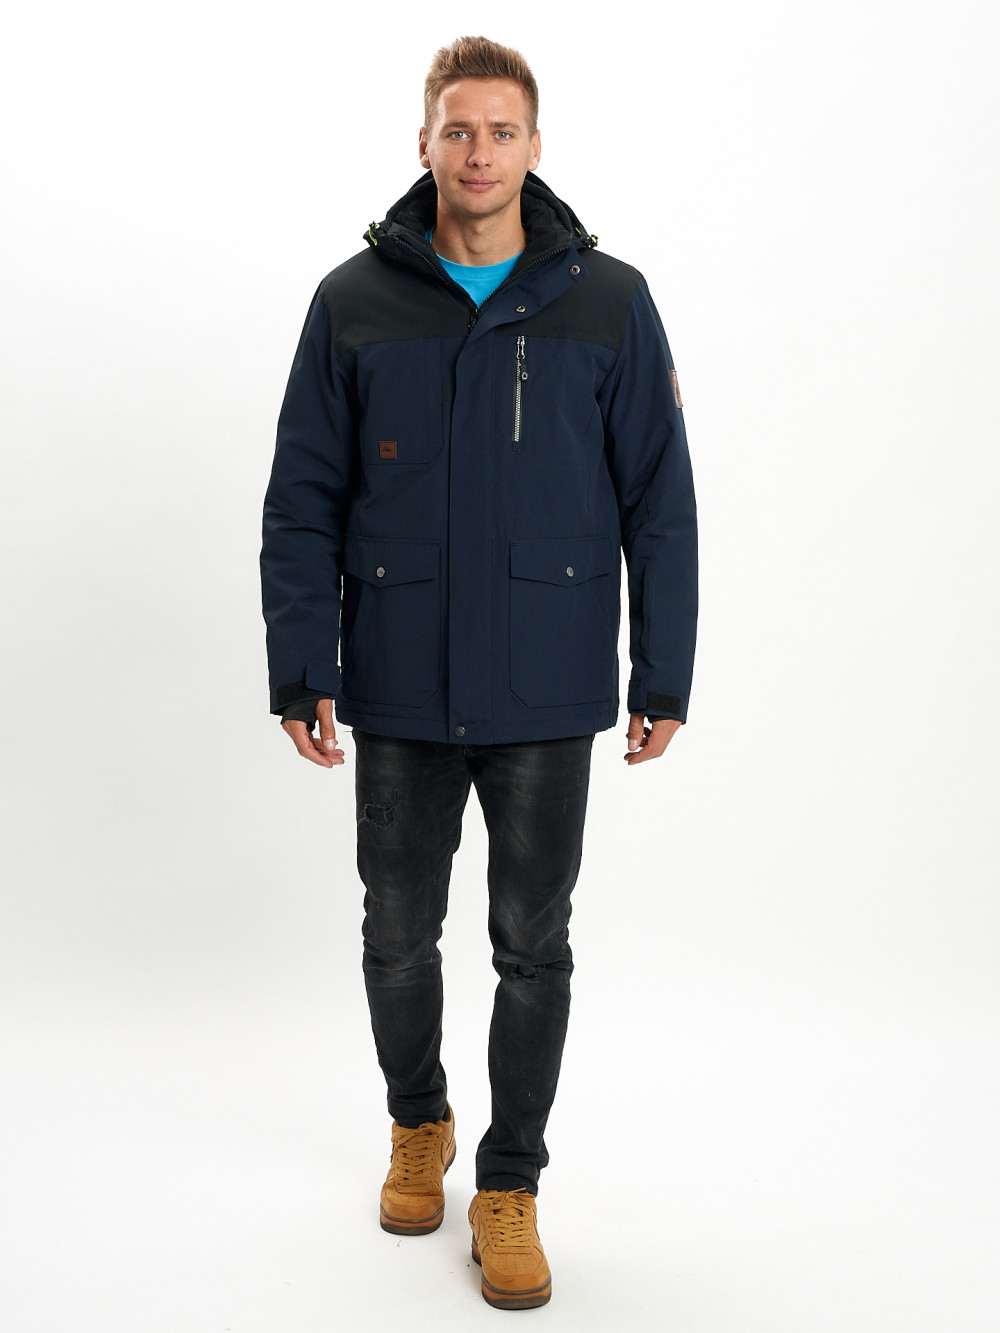 Купить оптом Молодежная зимняя куртка мужская темно-синего цвета 2155TS в Екатеринбурге